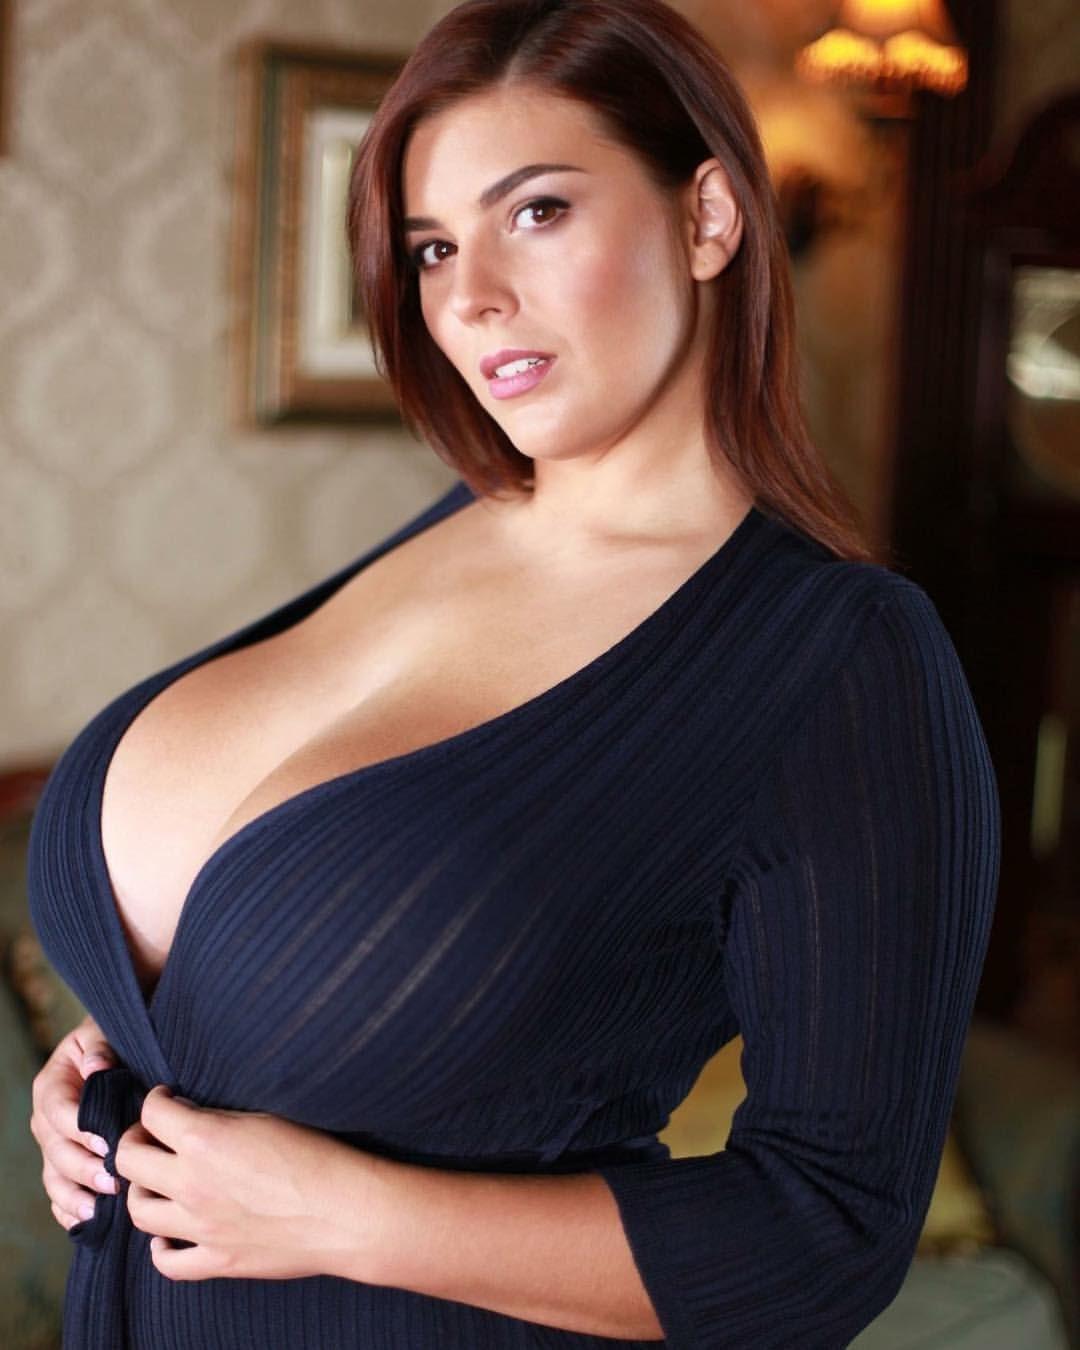 bozena-video-boobs-la-india-maria-nude